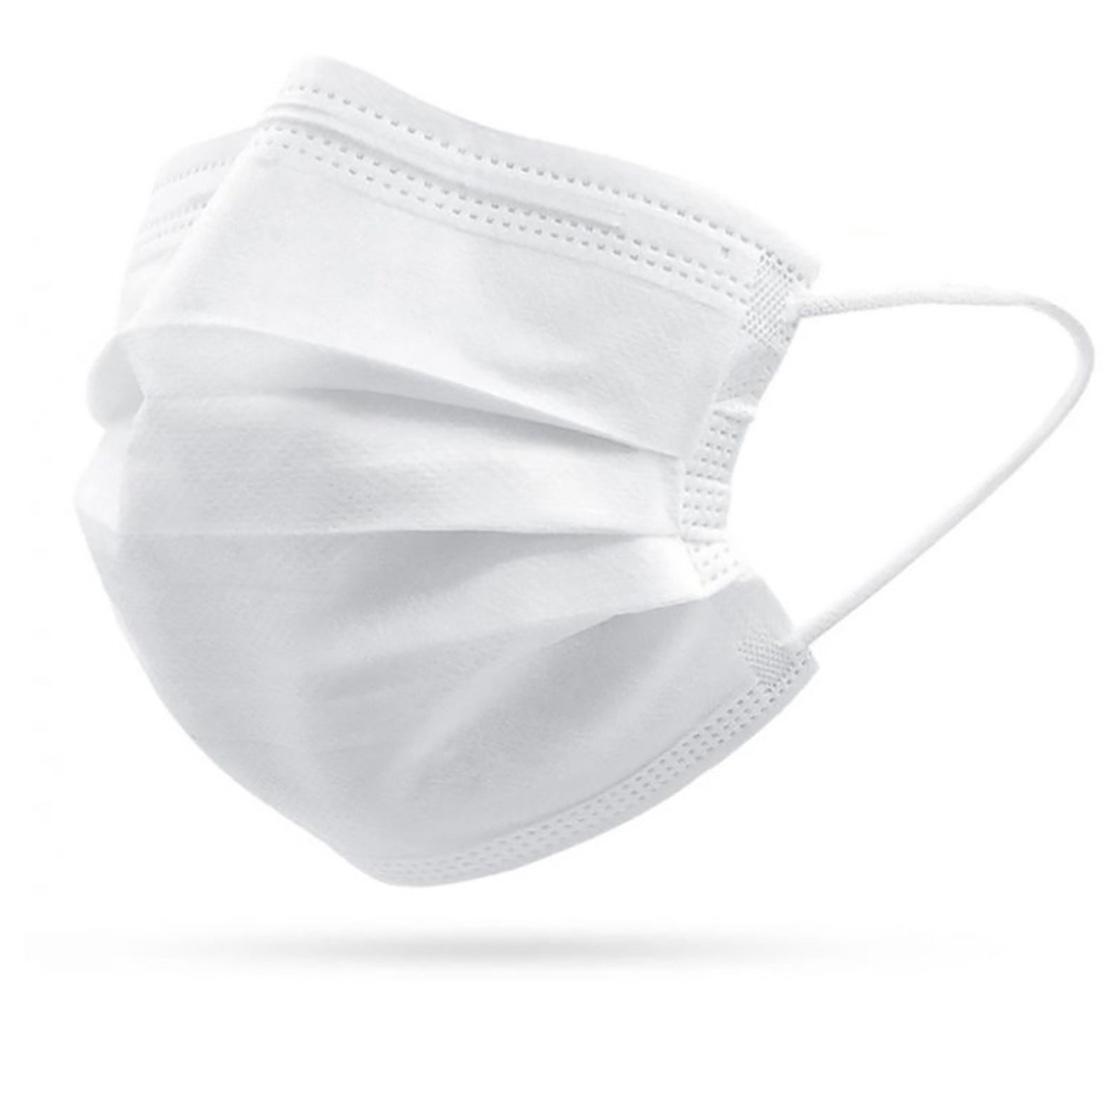 ماسک تنفسی مدل MS بسته 200 عددی